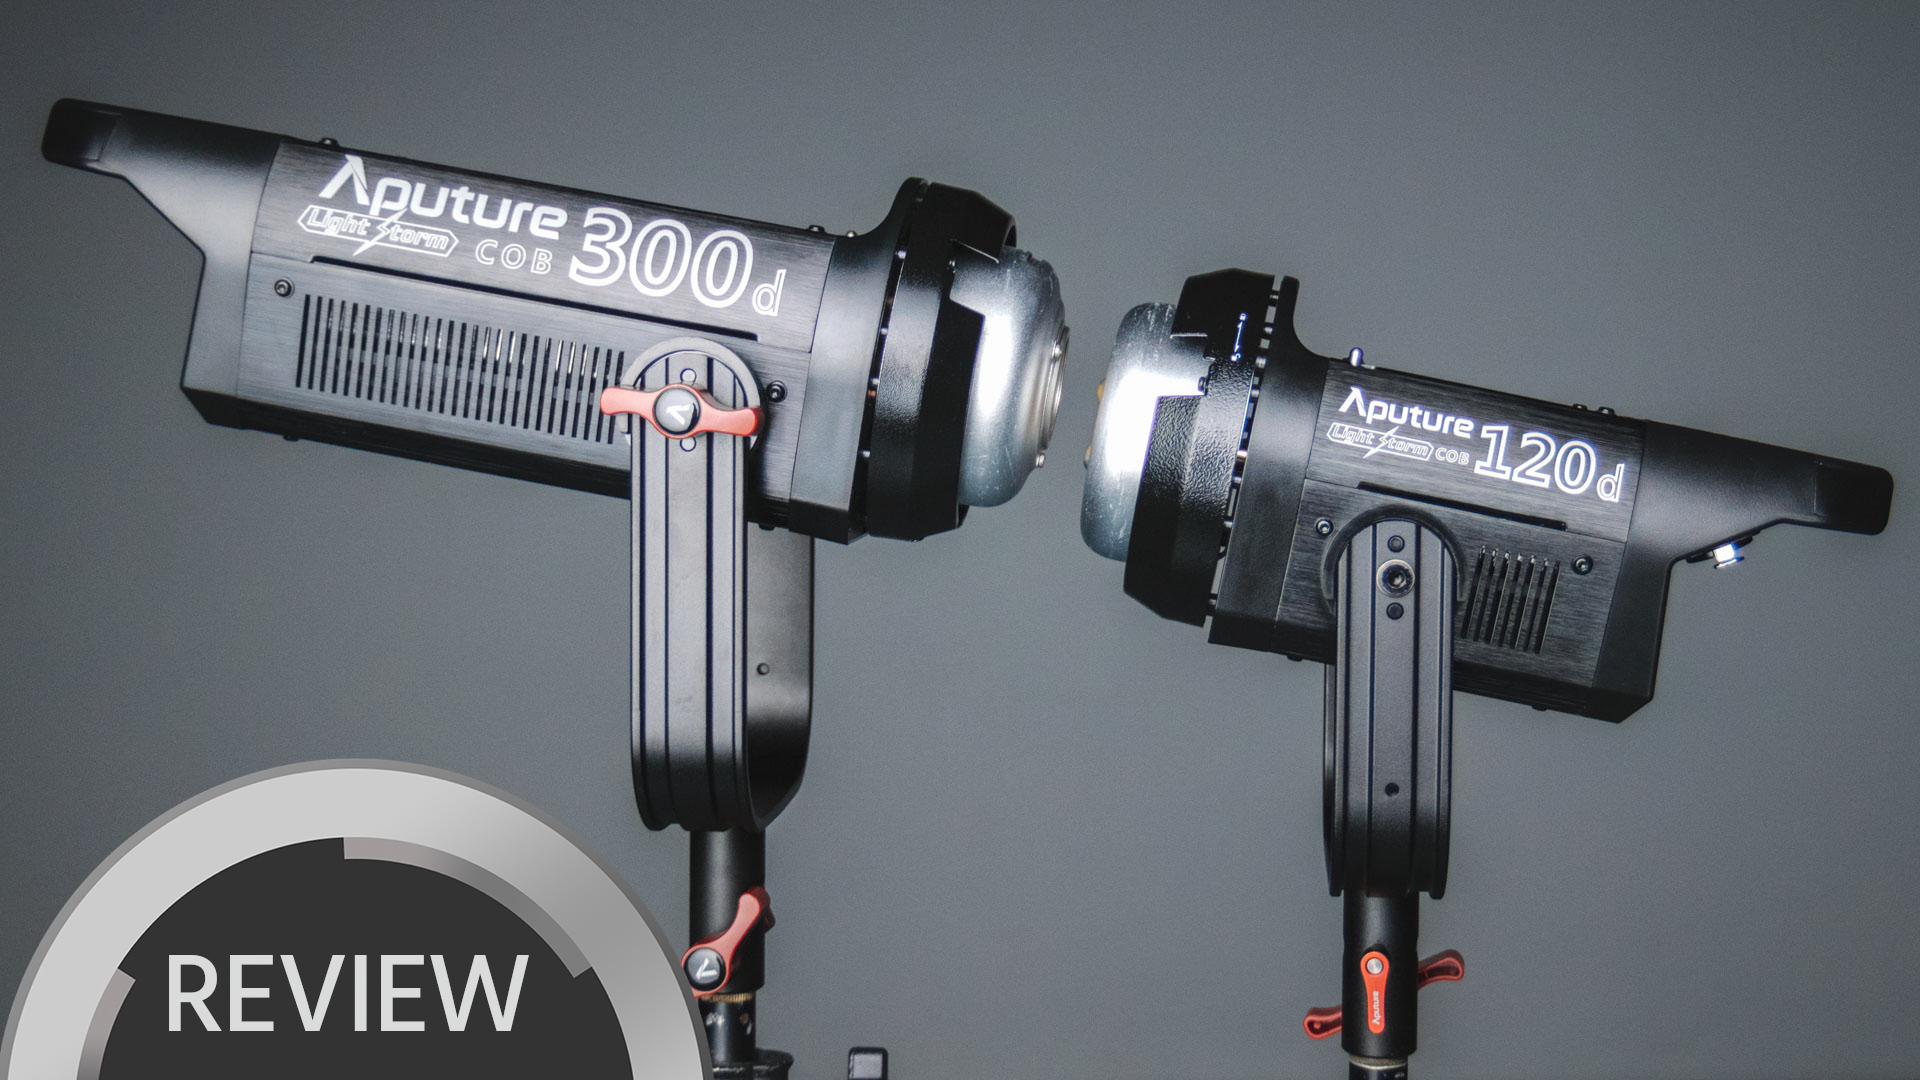 Reseña de la Aputure LS C300d vs C120d - El futuro brillante de las luces LED